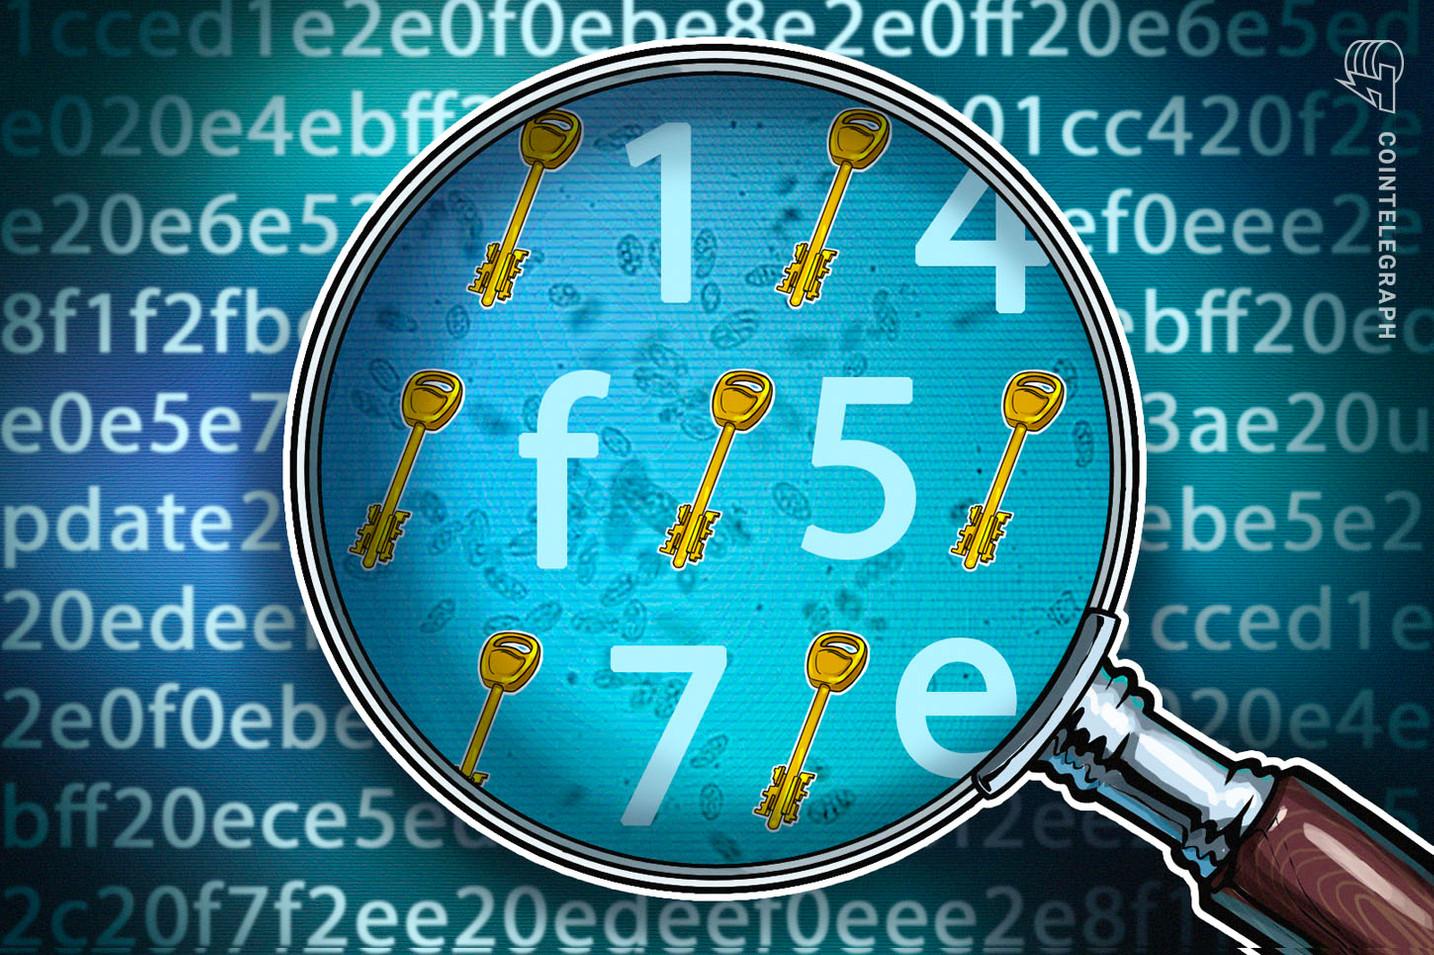 Nueva aplicación web escanea GitHub en busca de secretos como criptoclaves y contraseñas